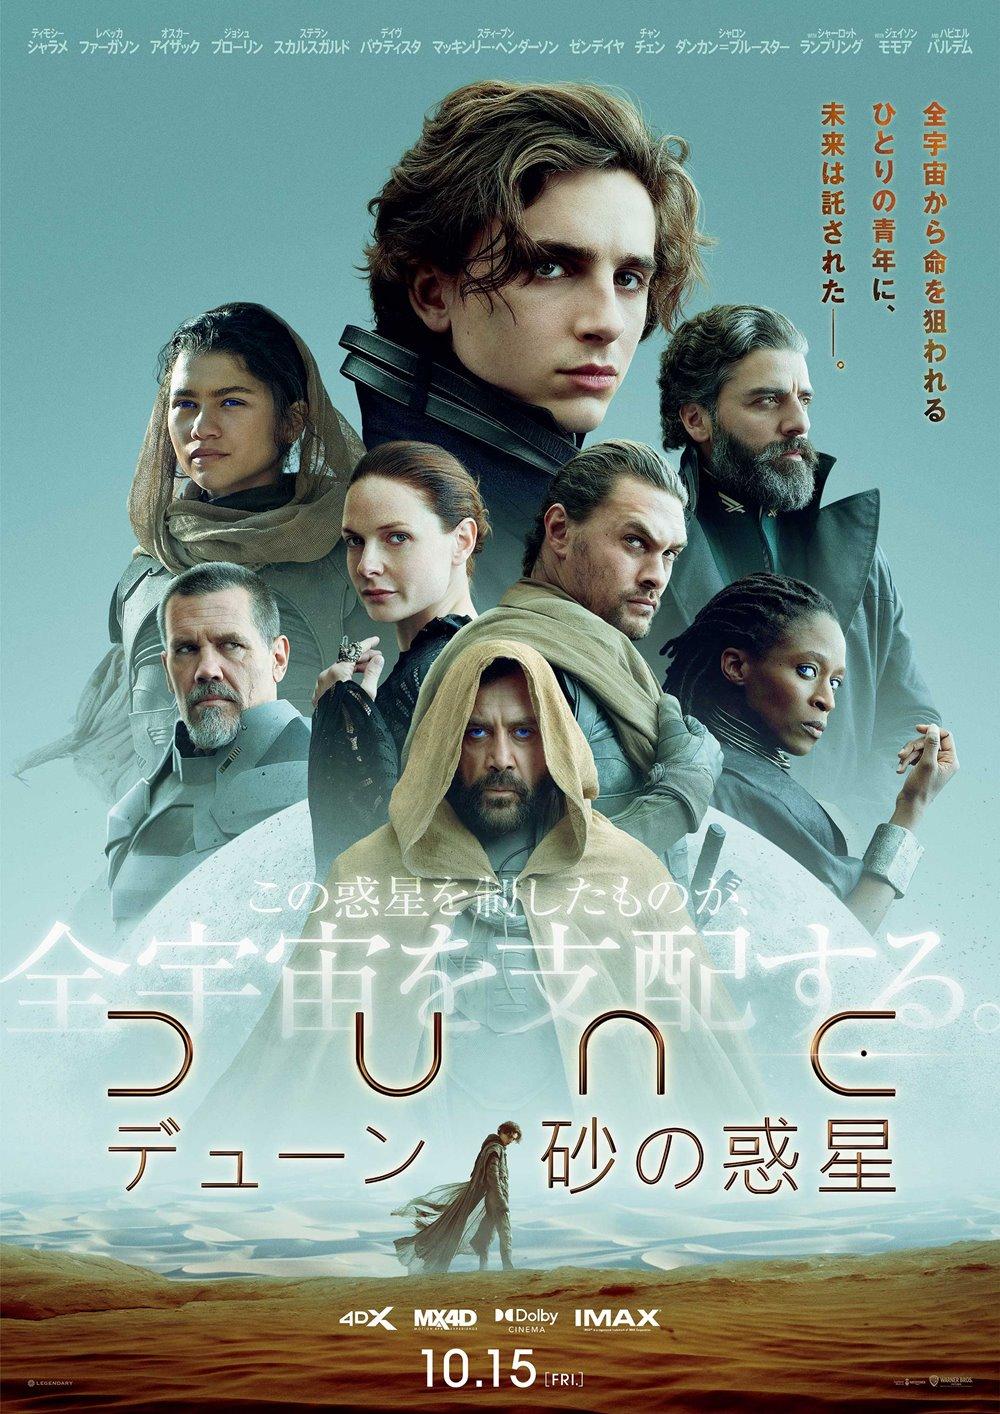 【画像】映画『DUNE/デューン 砂の惑星』ポスタービジュアル